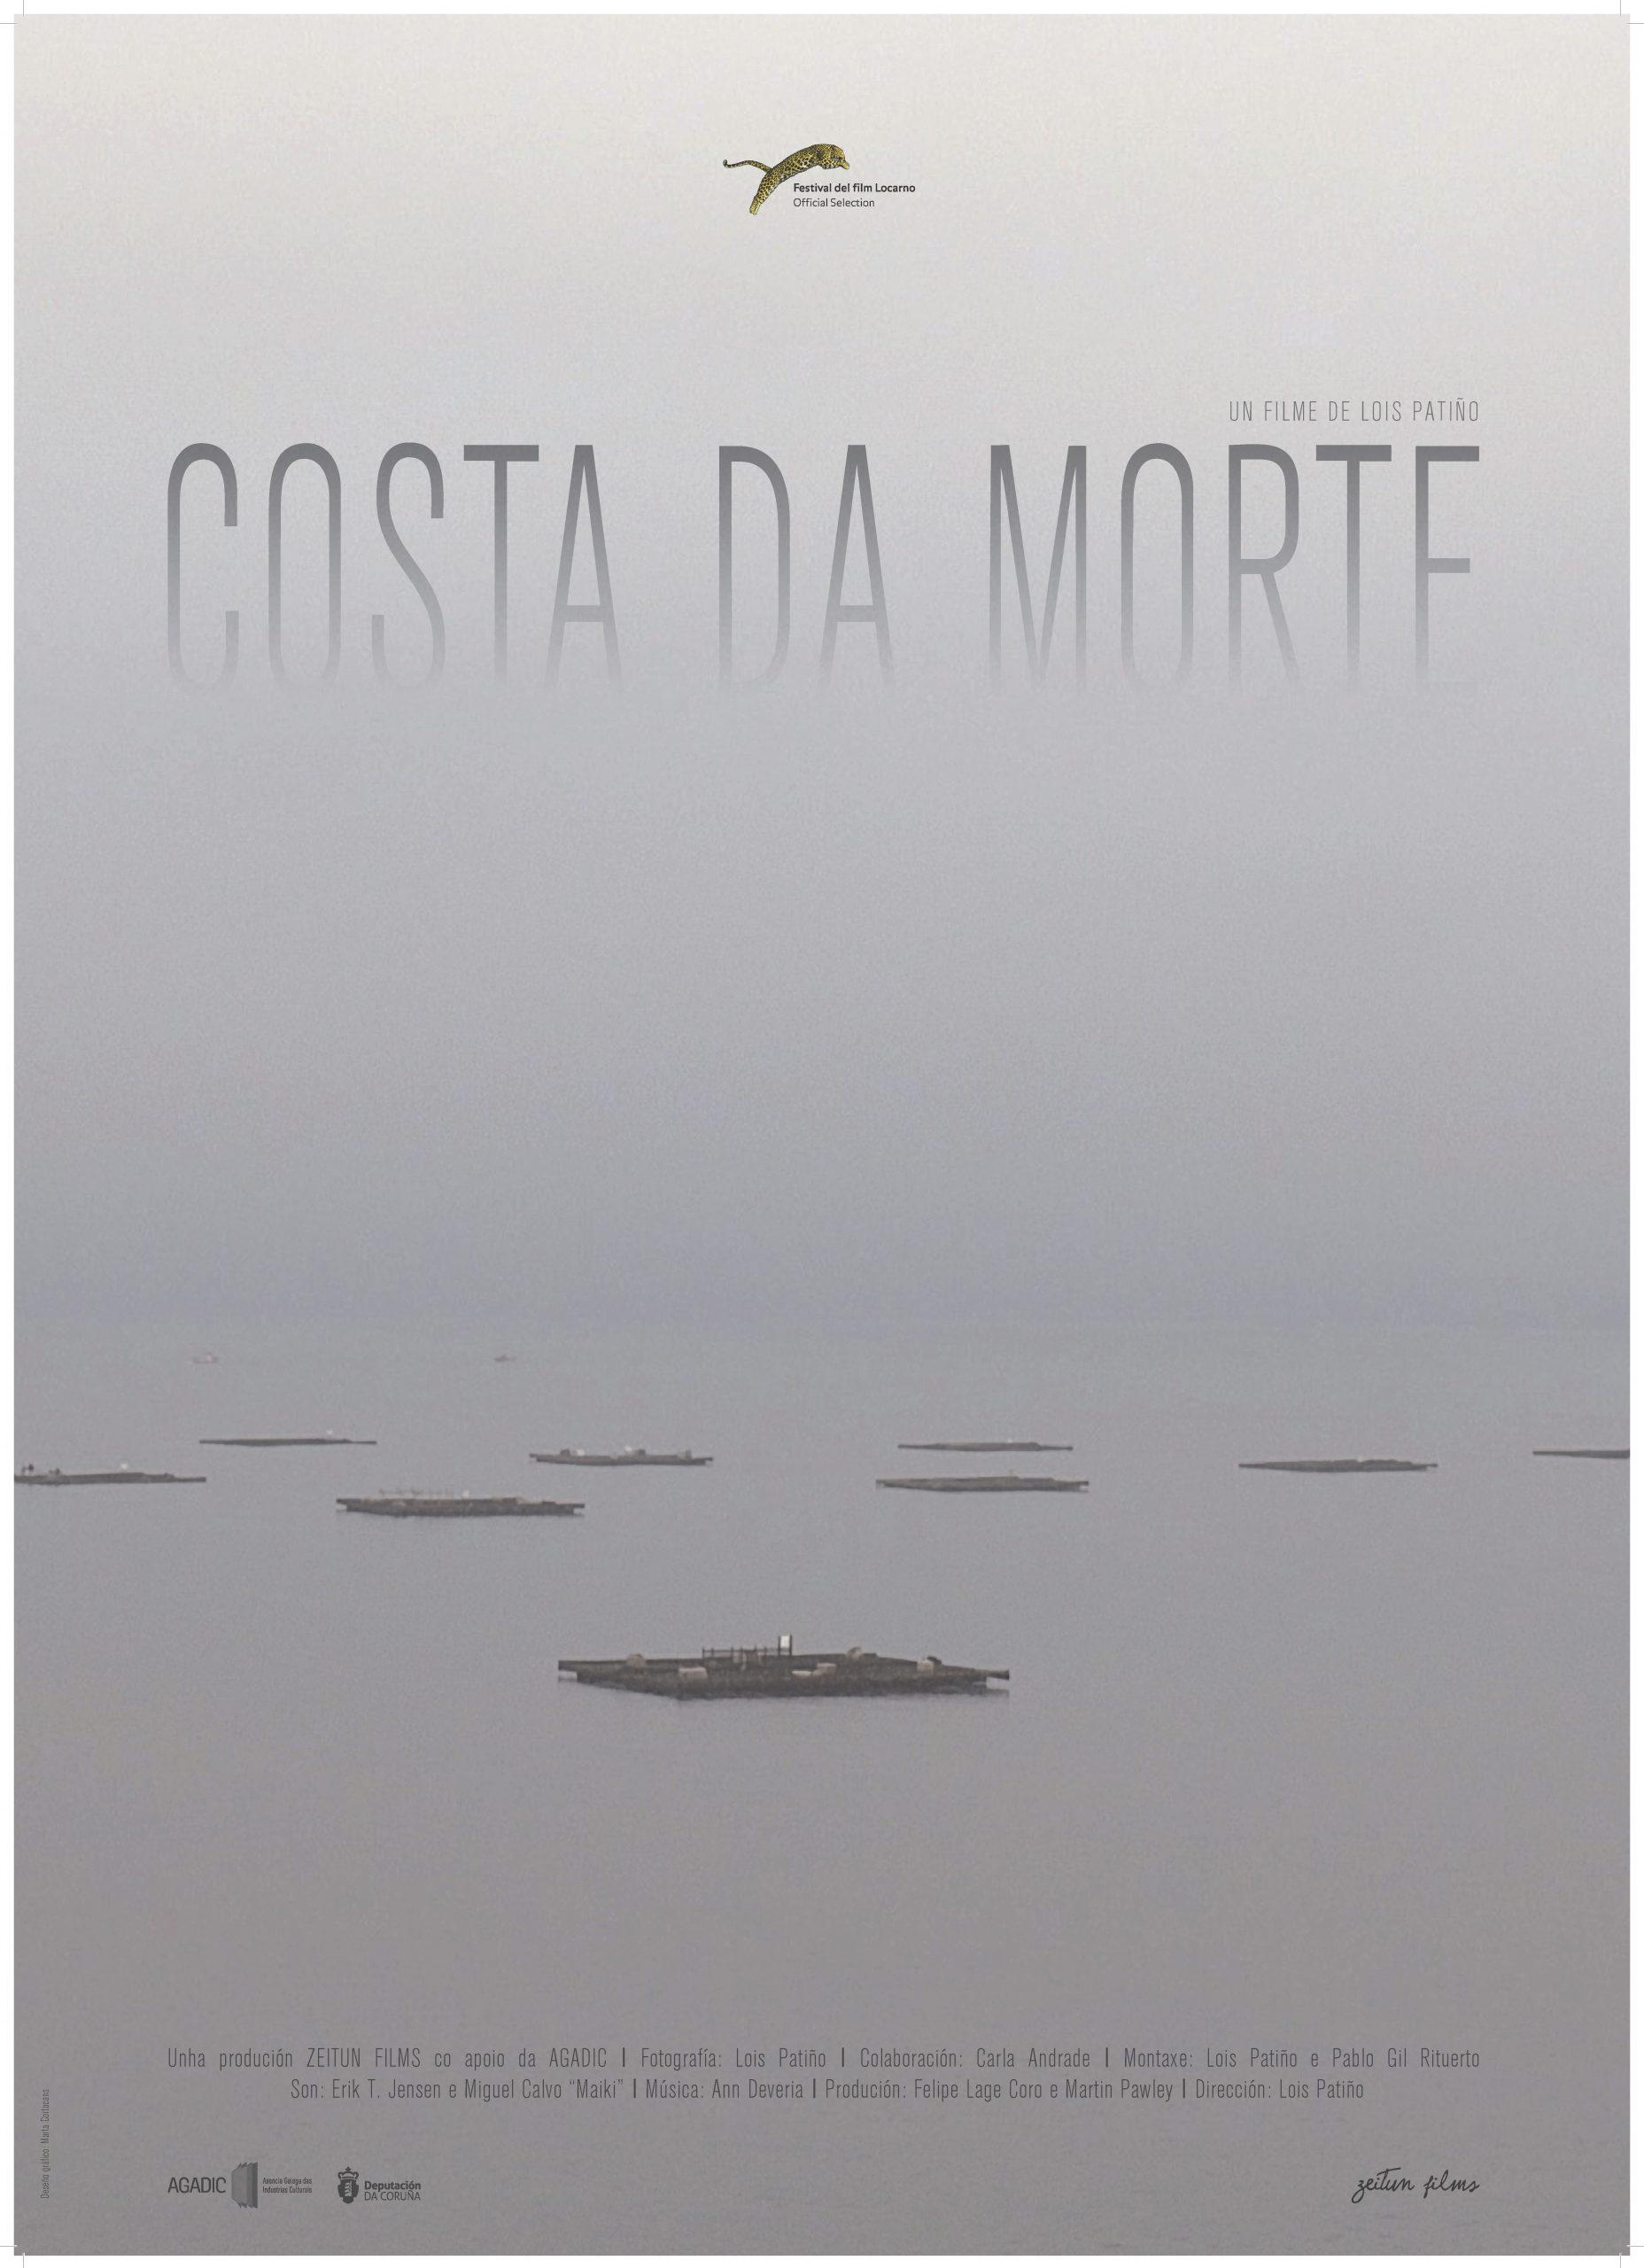 Costa da Morte Poster